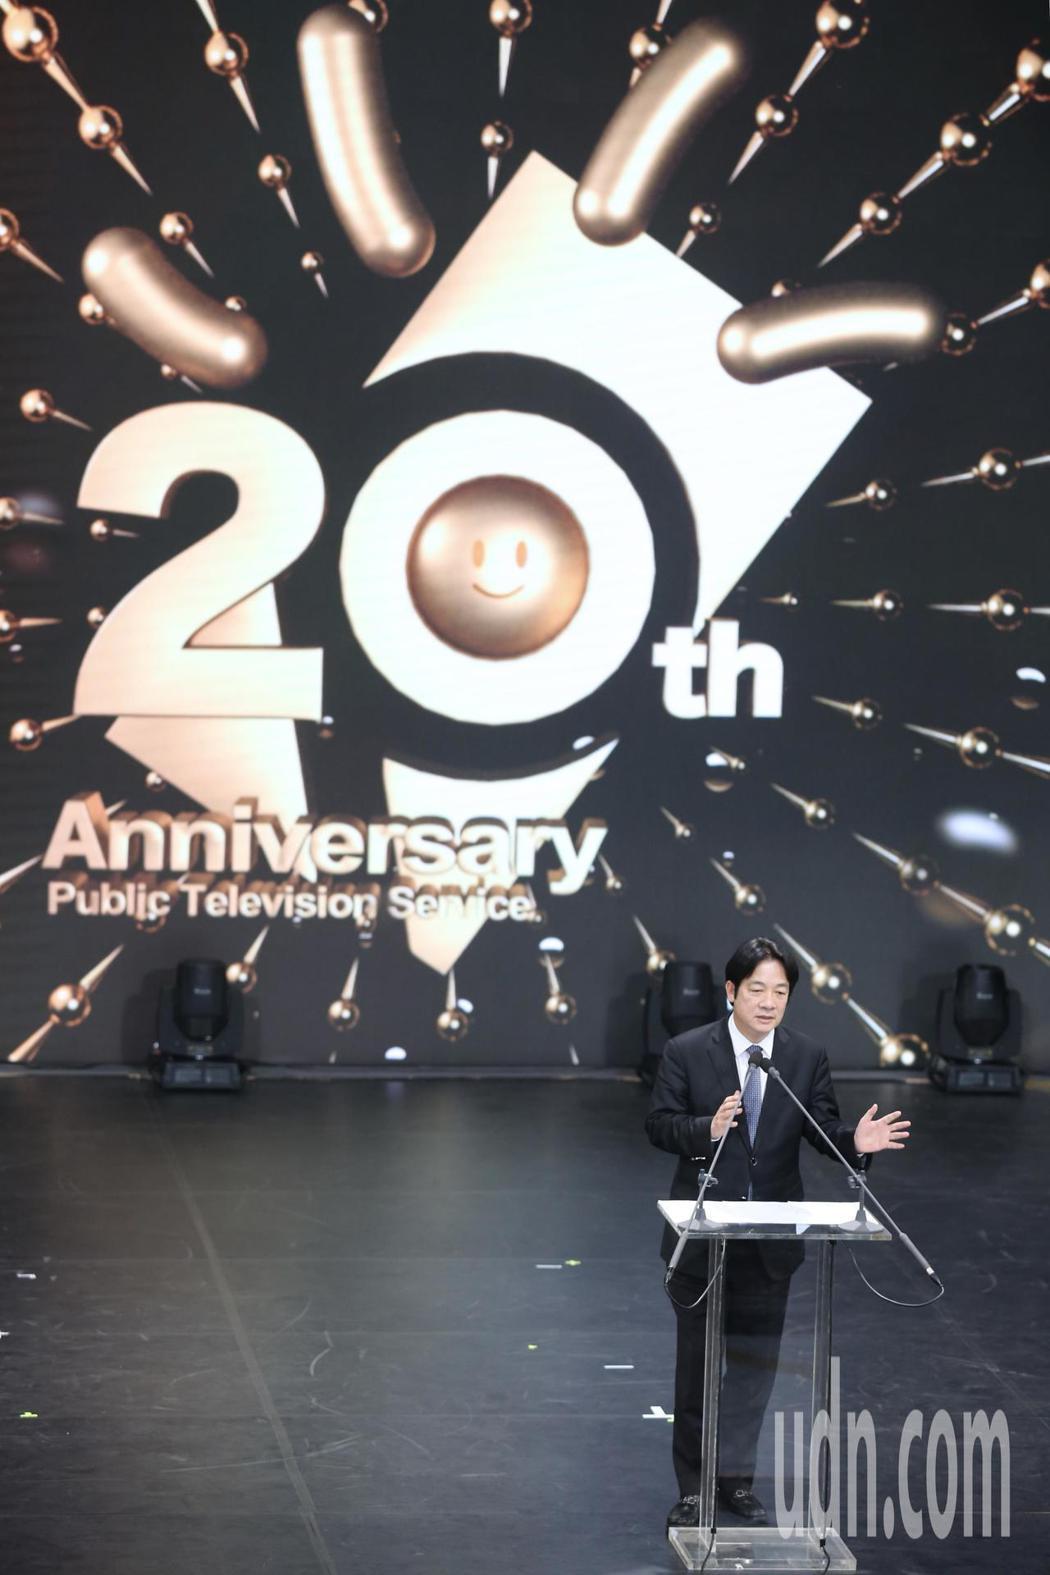 公共電視在國父紀念館舉辦「公視20 感謝有你」台慶晚會,行政院長賴清德出席致詞。...